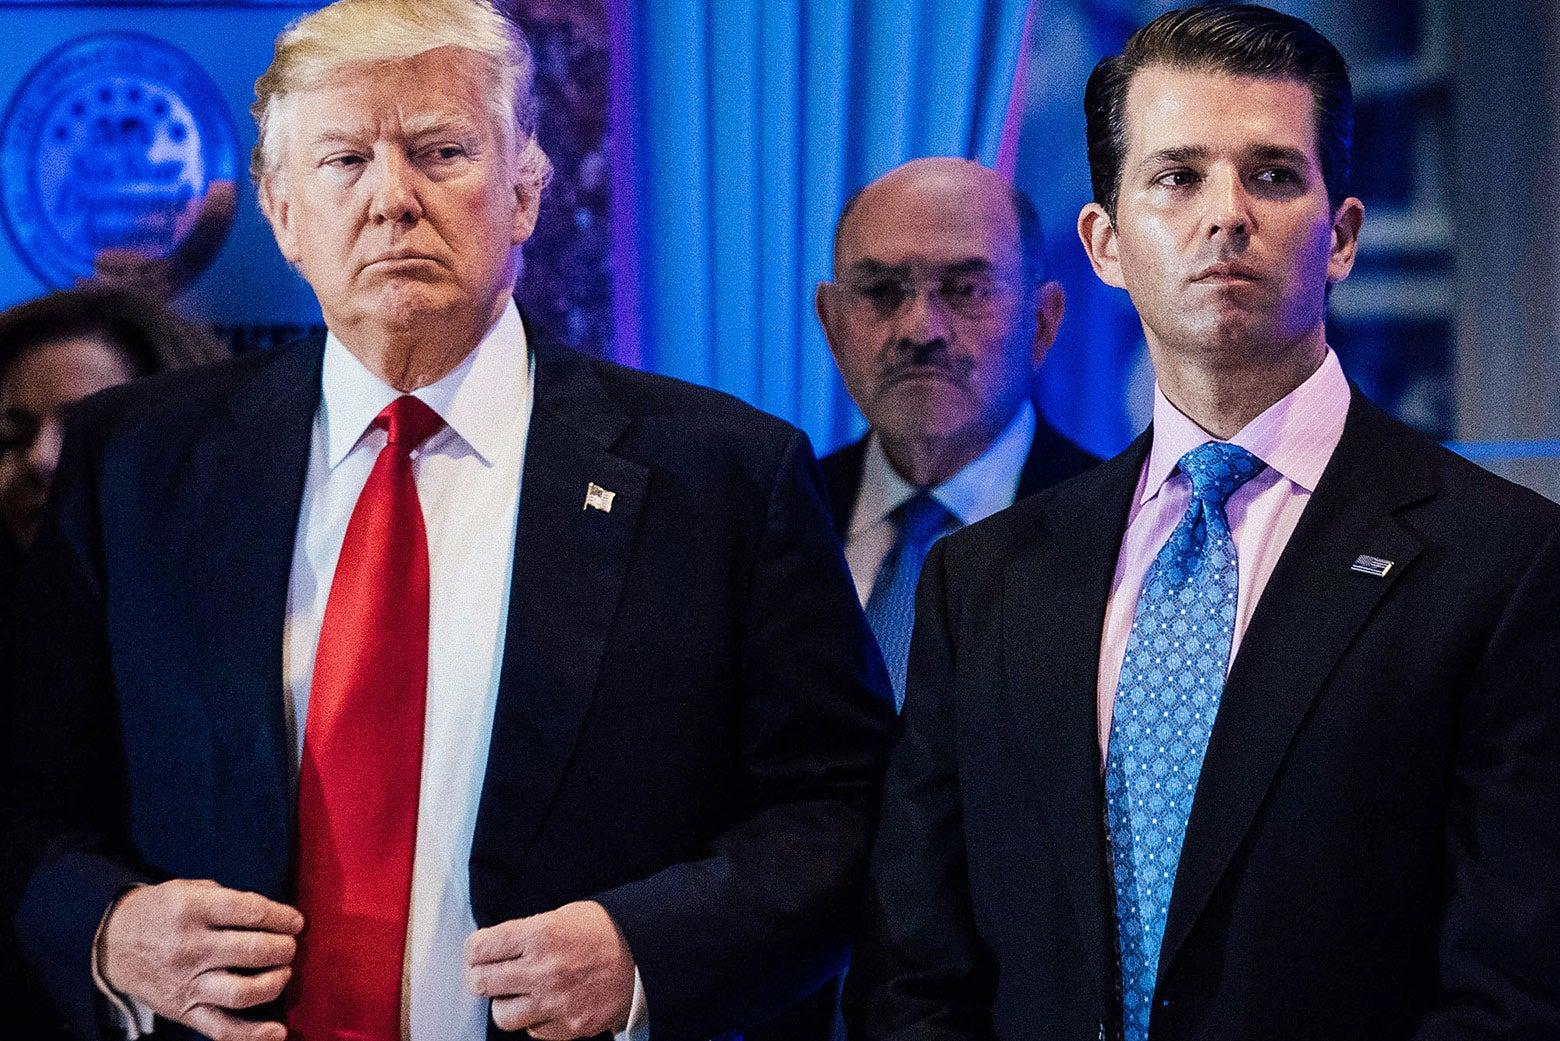 Donald Trump and Donald Trump Jr.